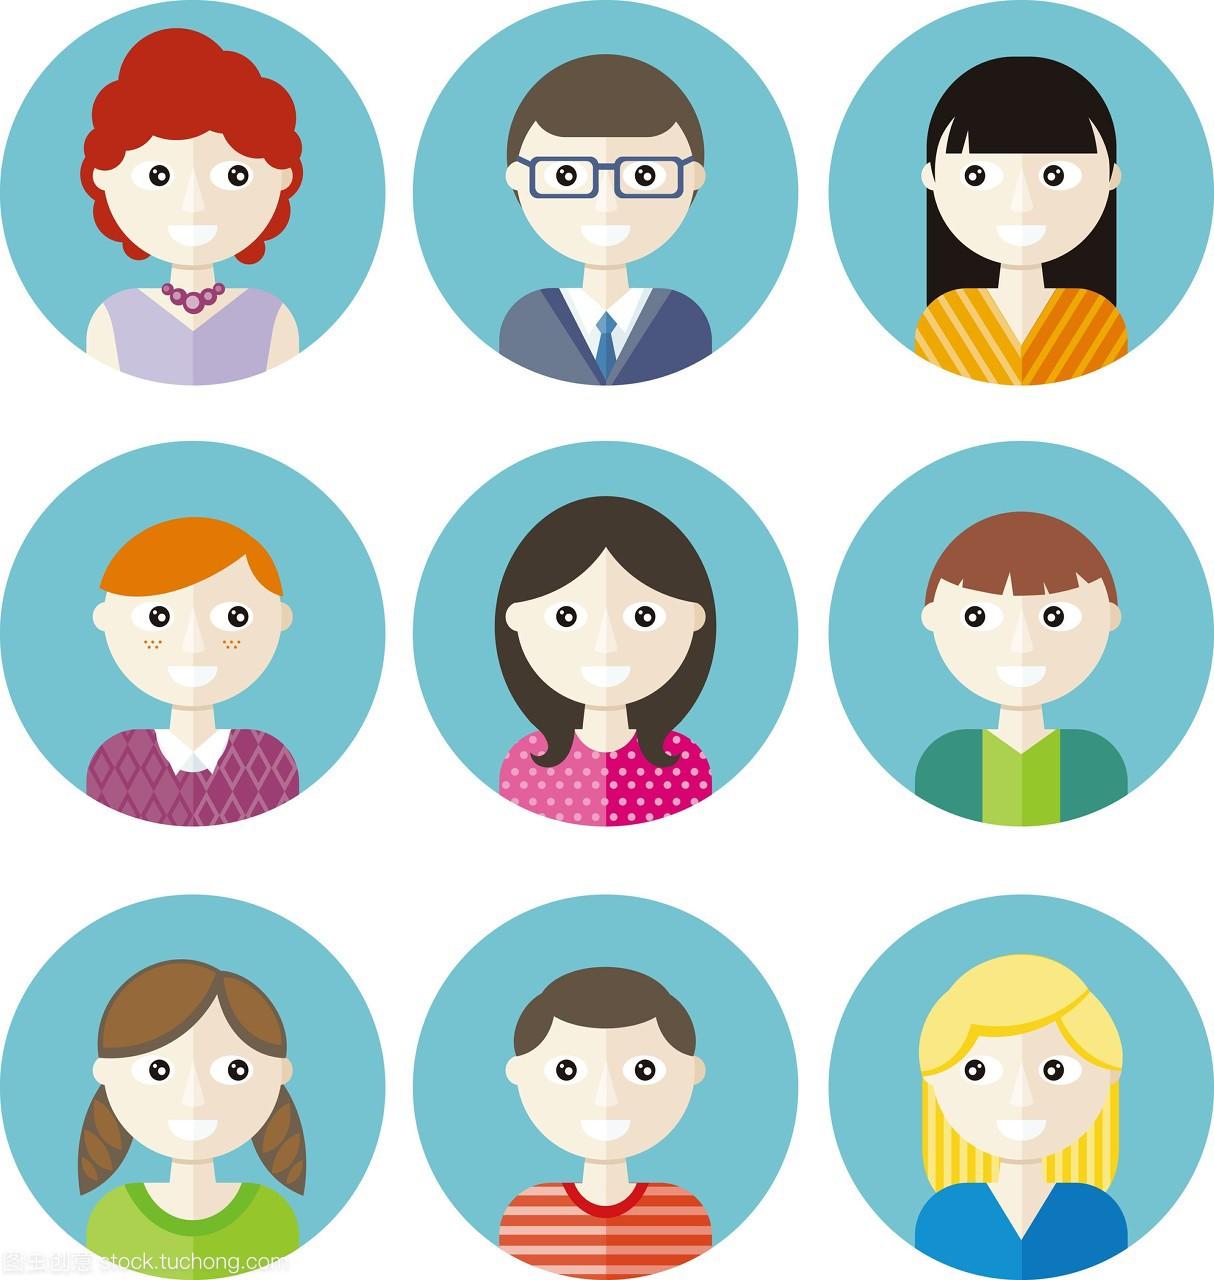 汉子,头部,10几岁,风格,年青人,网页,人,女孩,组漫画男孩快看图片